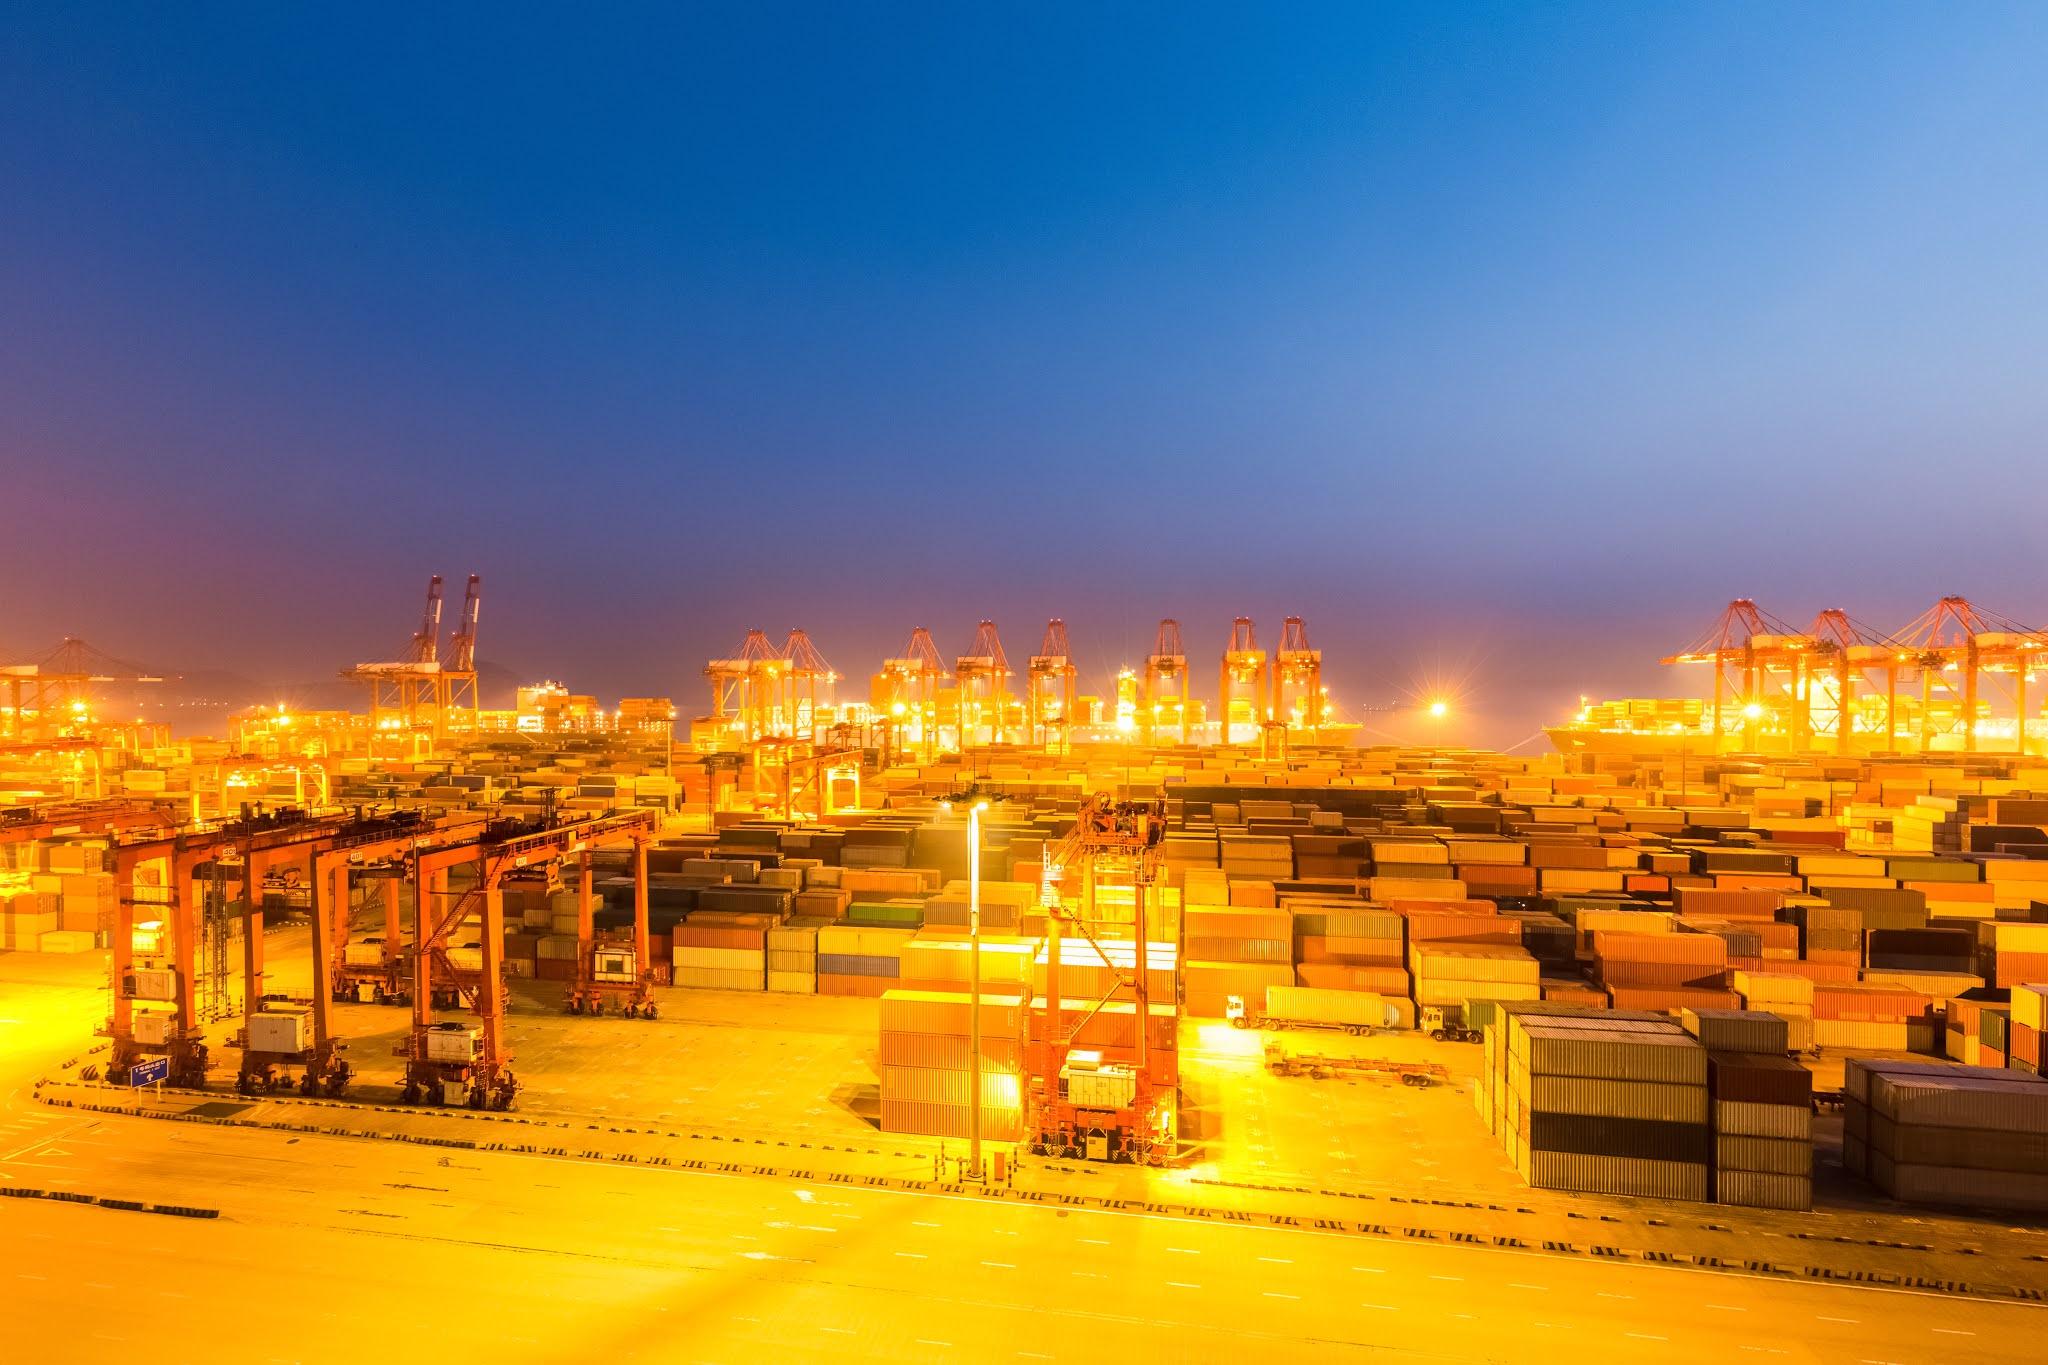 إطلاق الأكاديمية السعودية Saudi اللوجستية تماشيا مع رؤية المملكة 2030 وتطوير المهارات